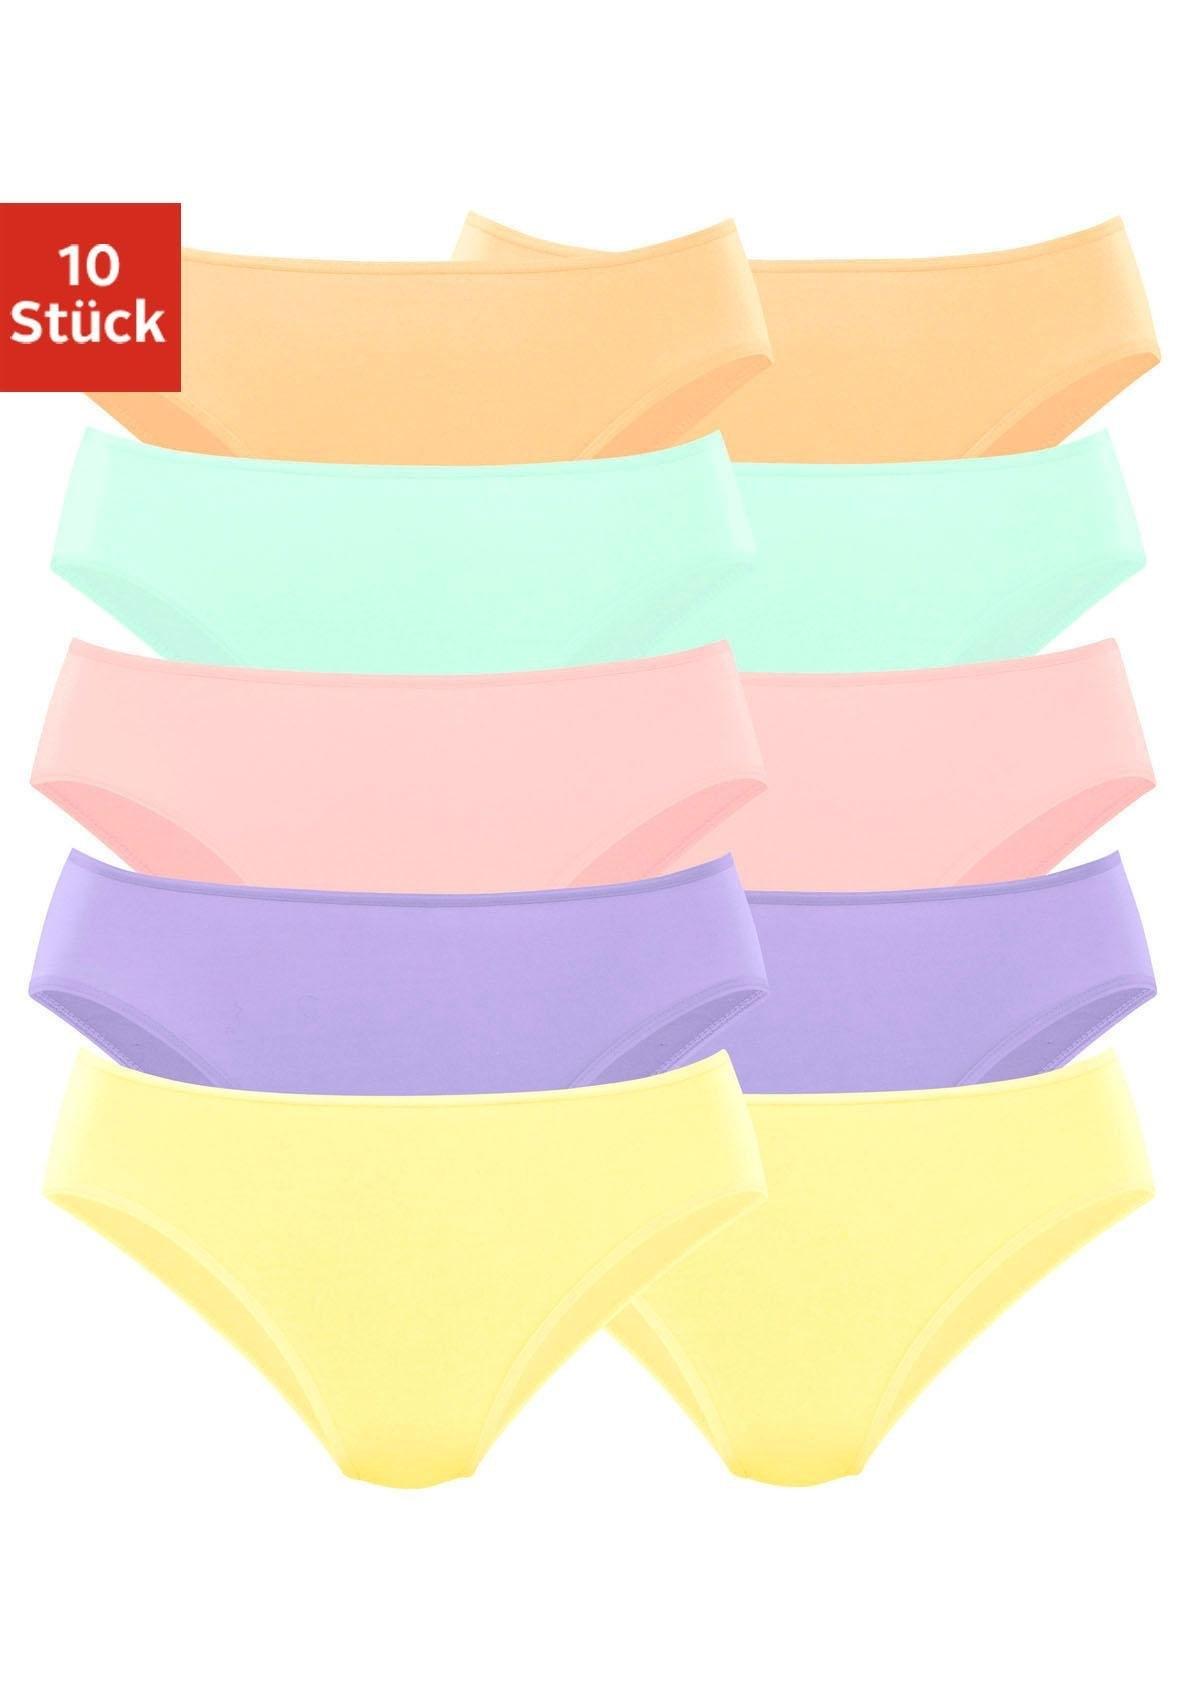 Go In Bikinislip, set van 10 bij Lascana online kopen